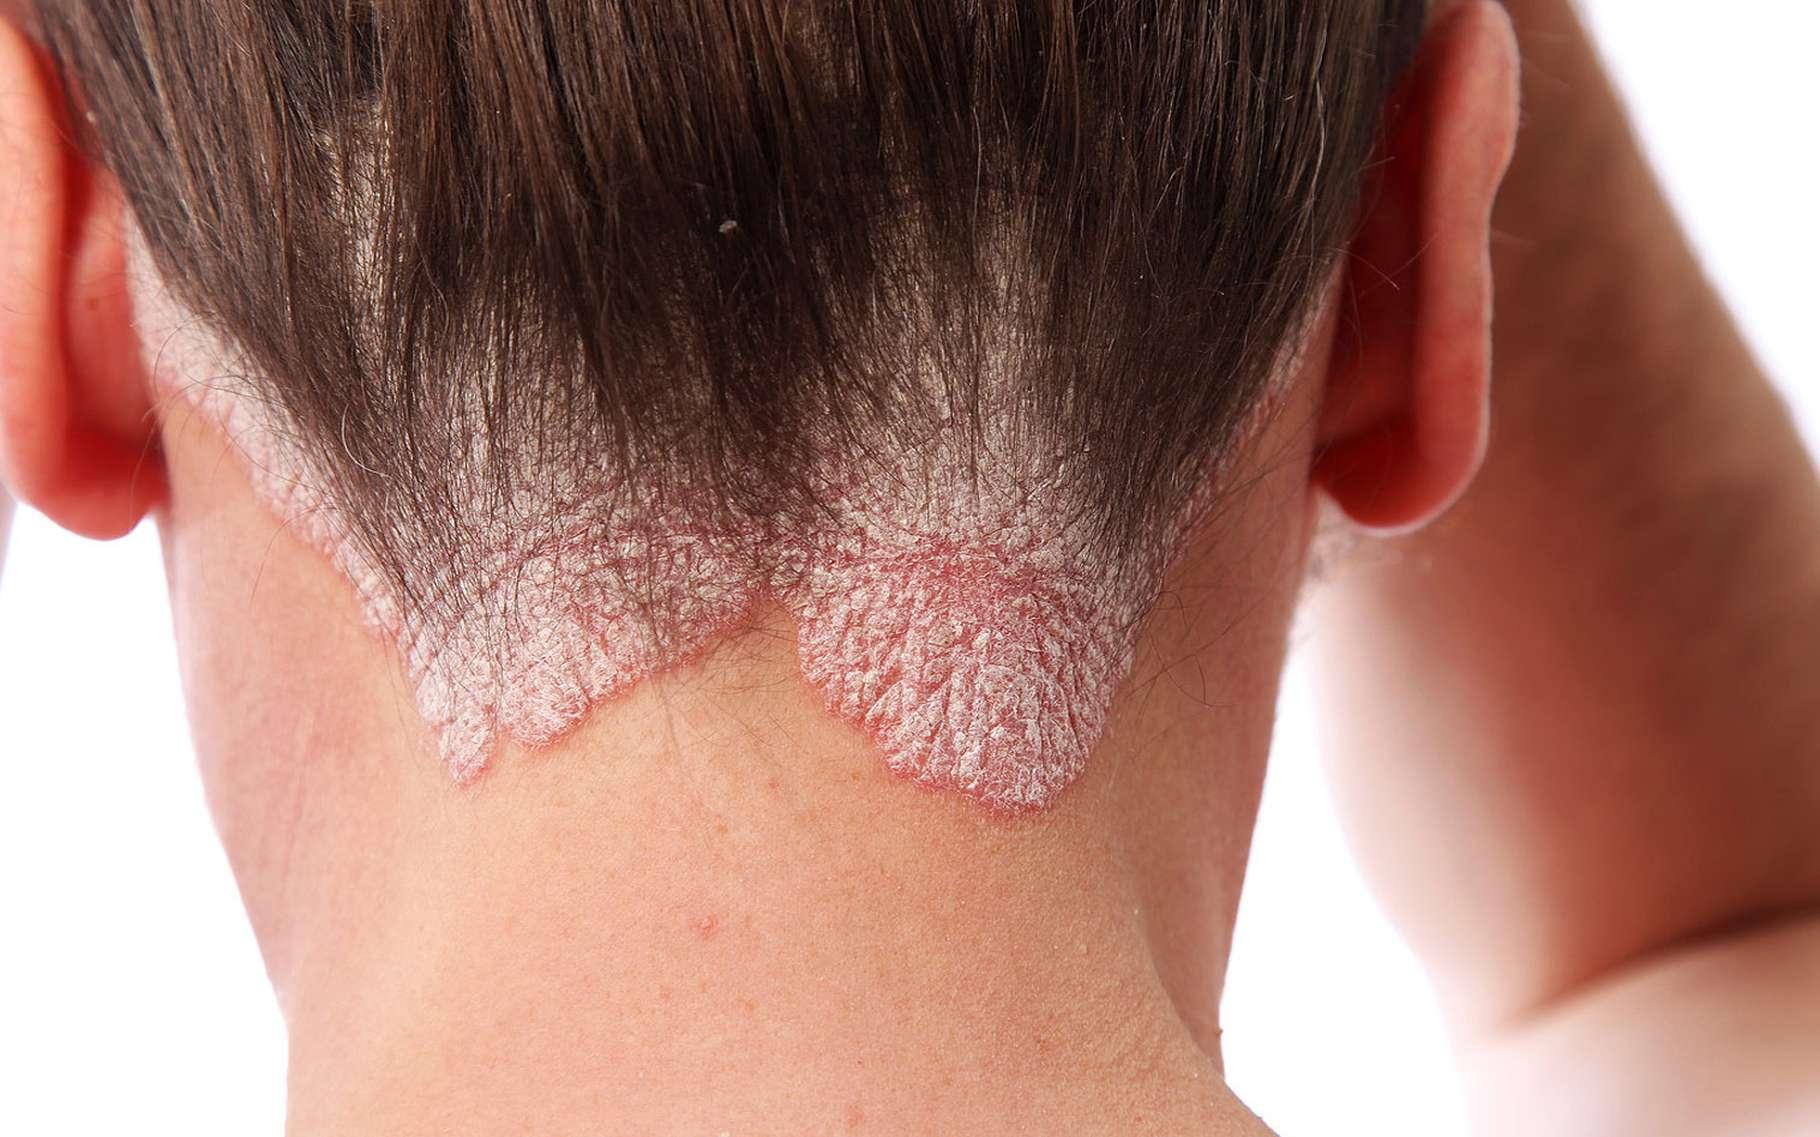 Quels sont les symptômes et traitements du psoriasis ? Ici, du psoriasis à la base du cou. © Fotolia